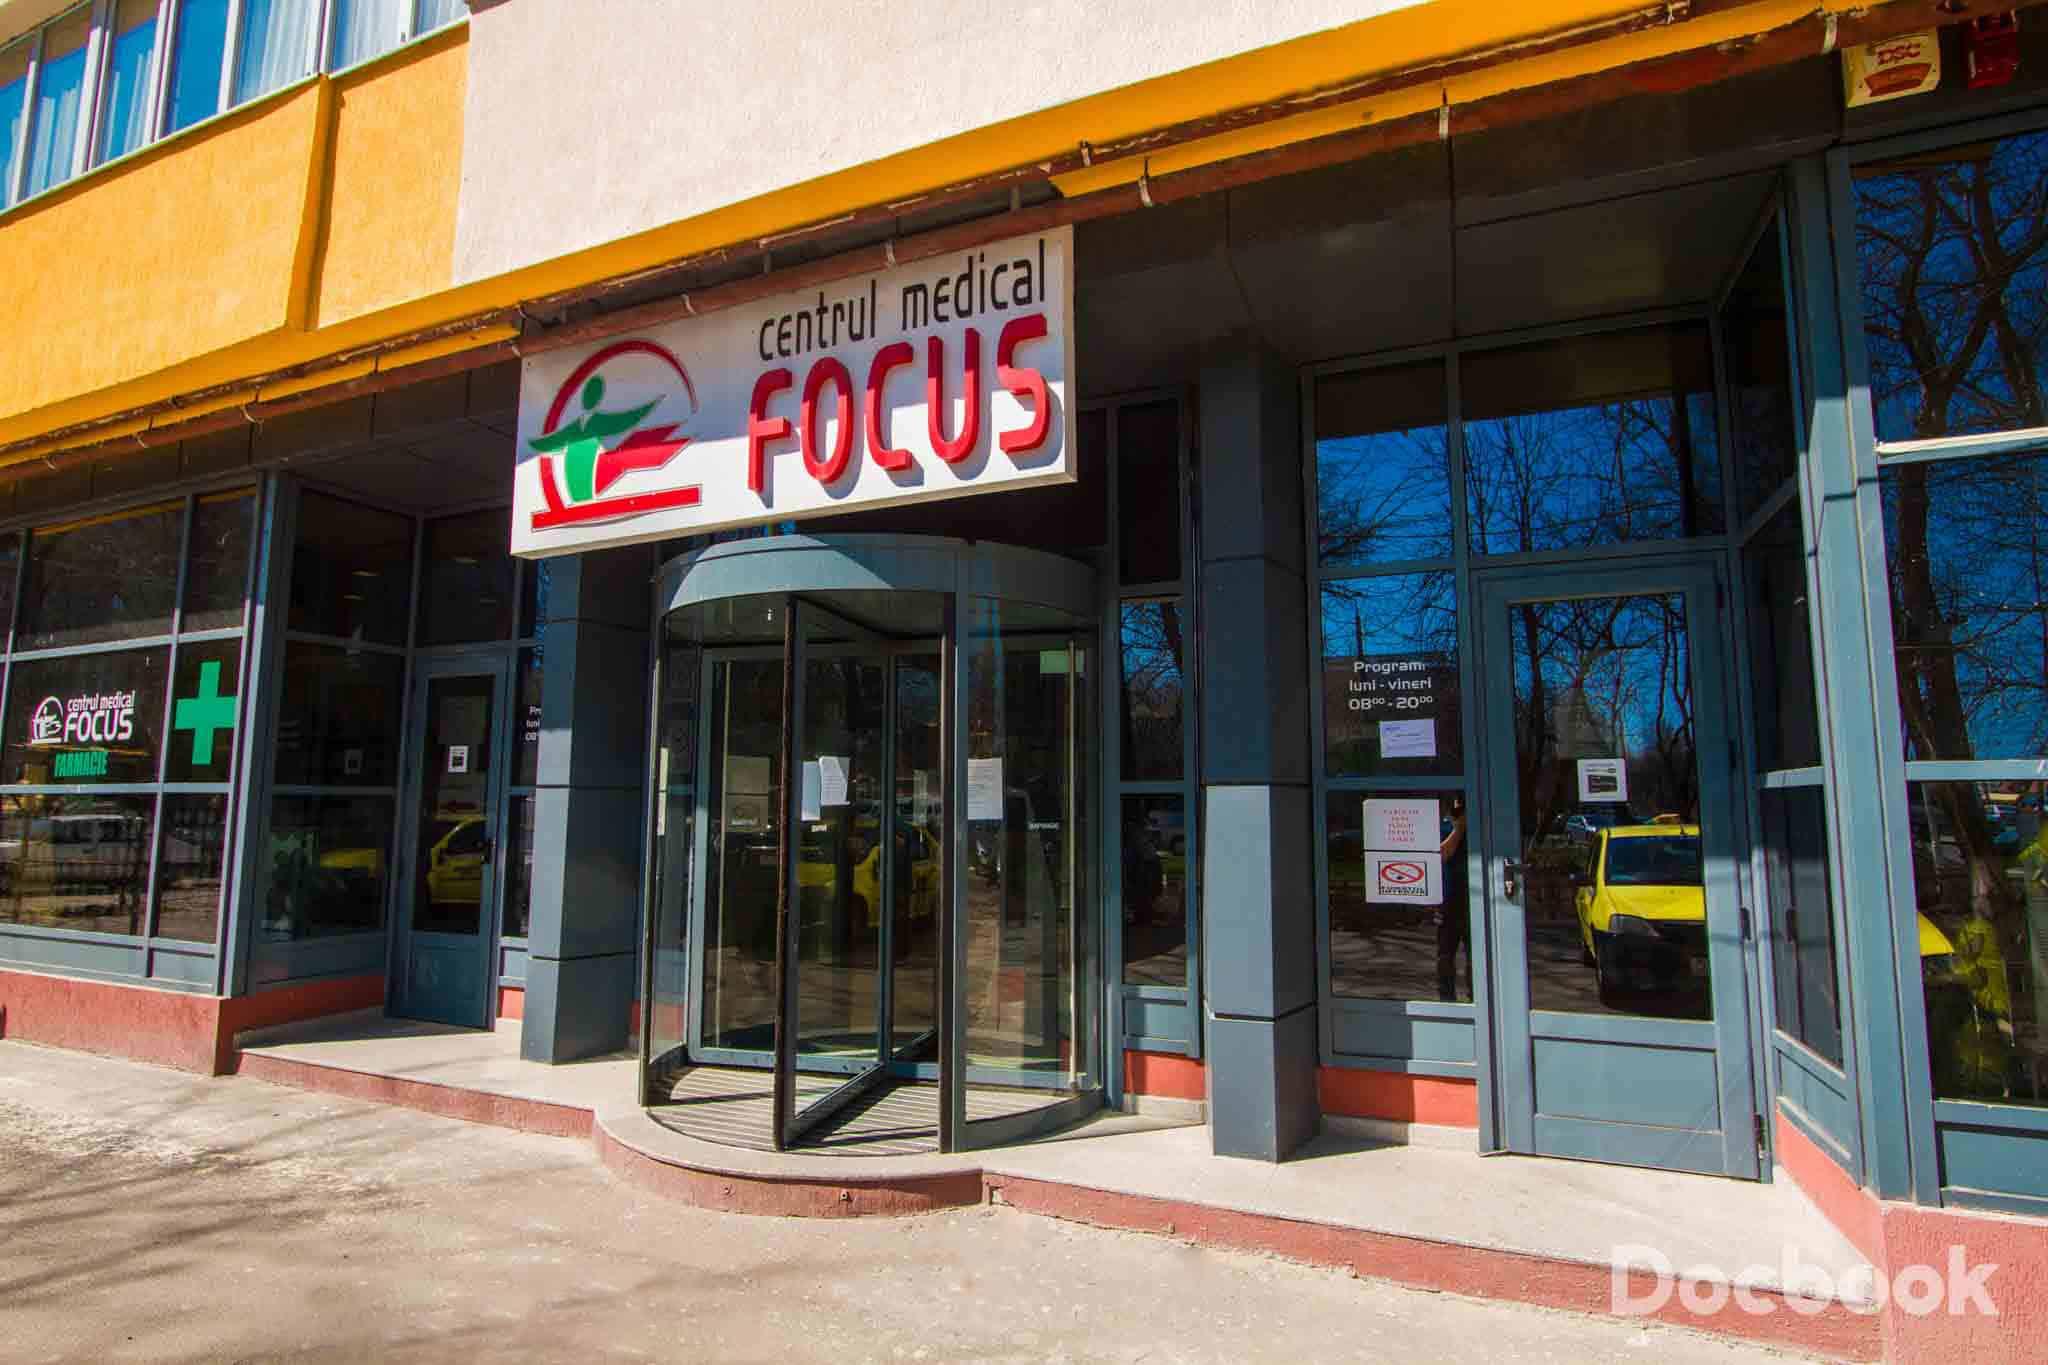 Clinica Focus Ferdinand